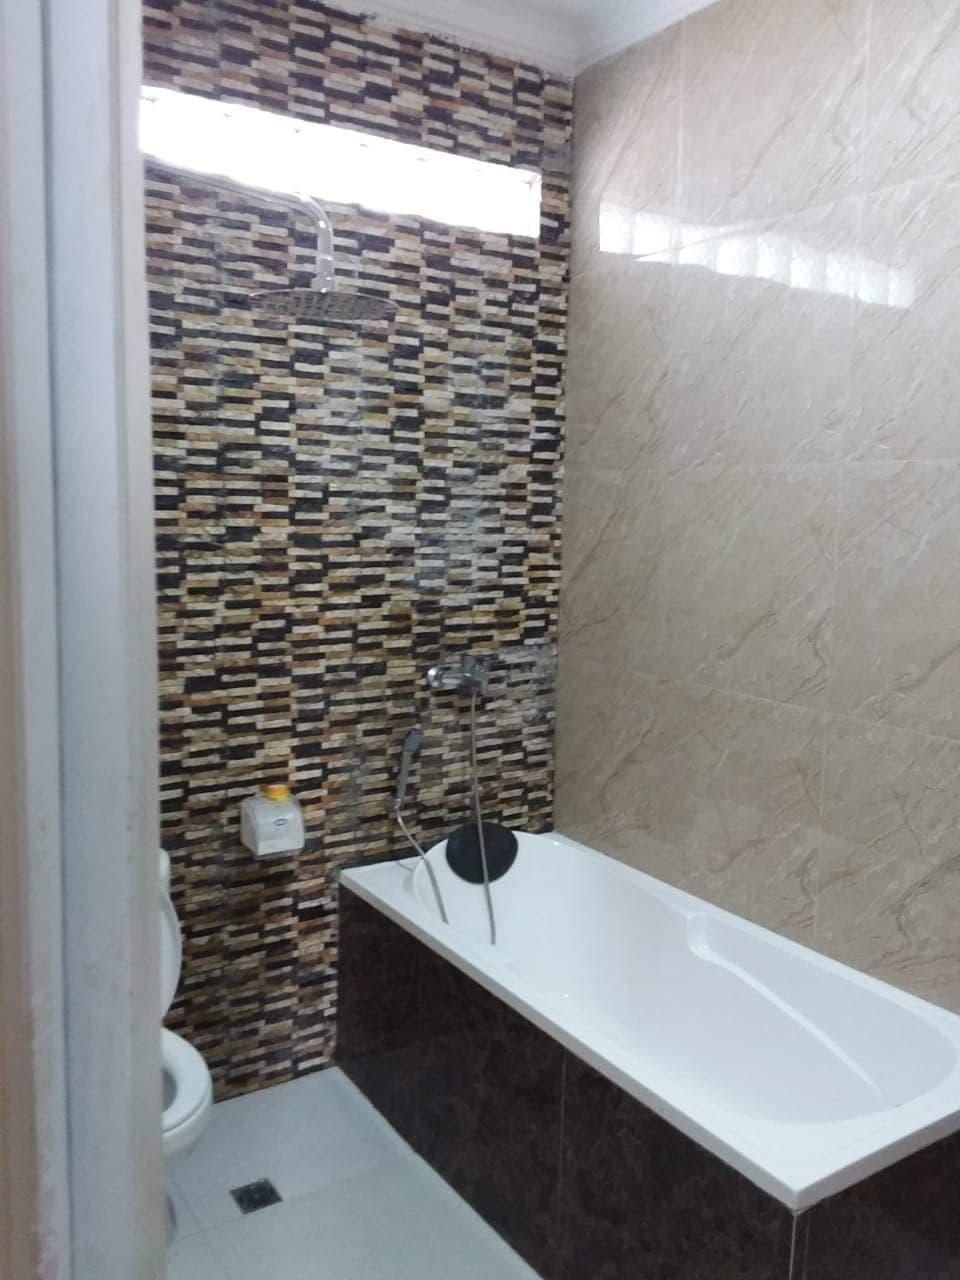 Beli Rumah Resort Type 82 di Jogja Gratis Beli Rumah Type 36 1